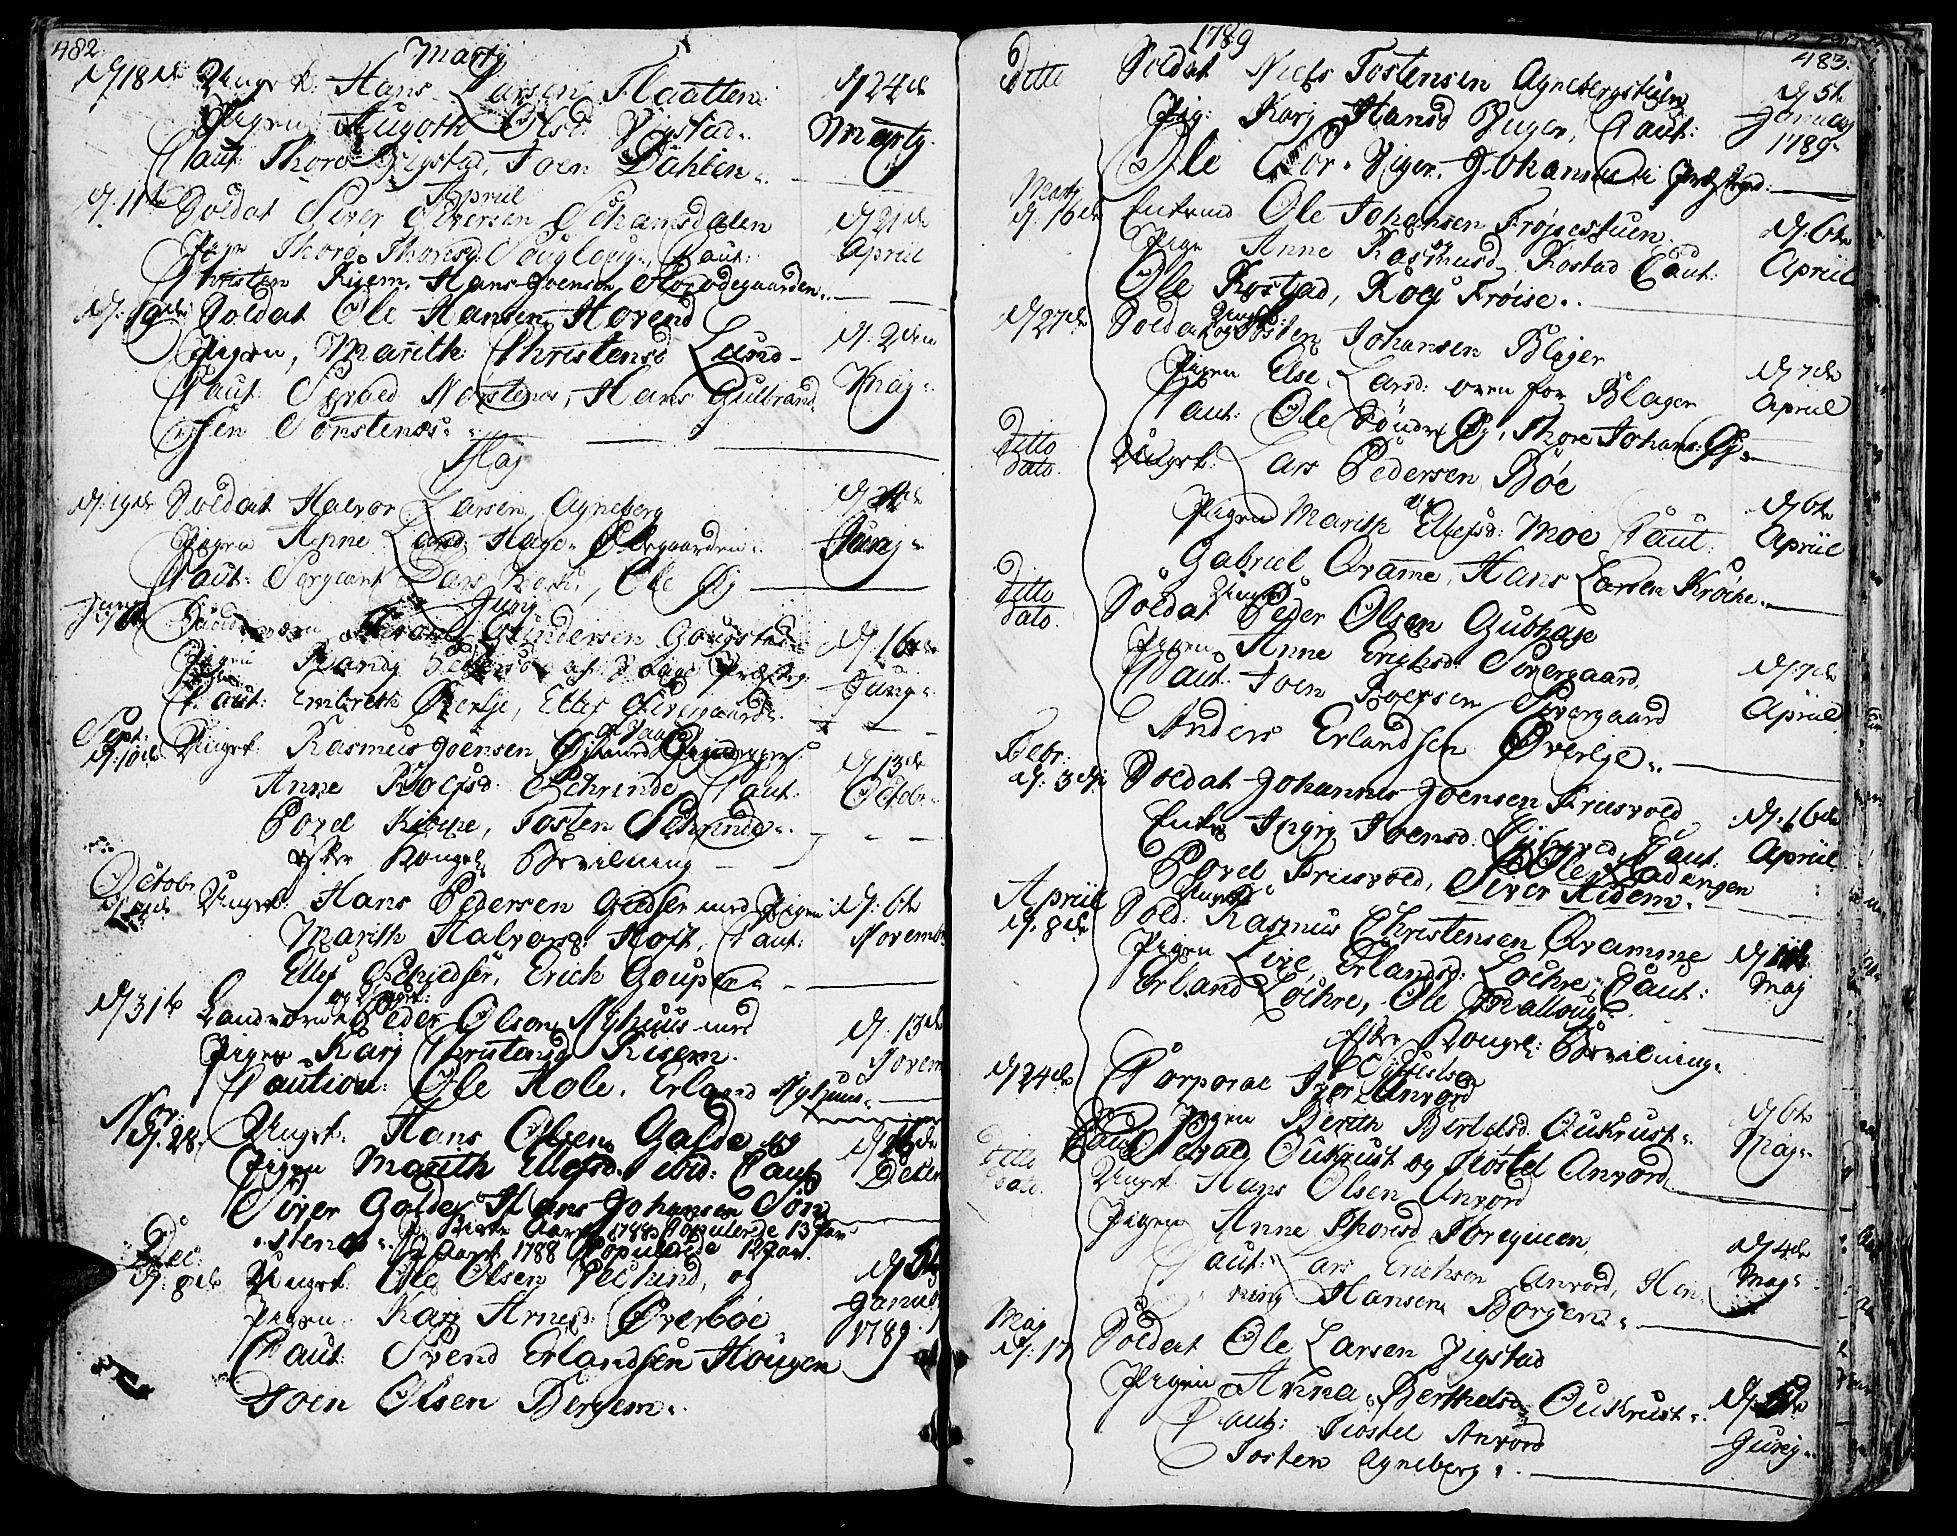 SAH, Lom prestekontor, K/L0002: Ministerialbok nr. 2, 1749-1801, s. 482-483